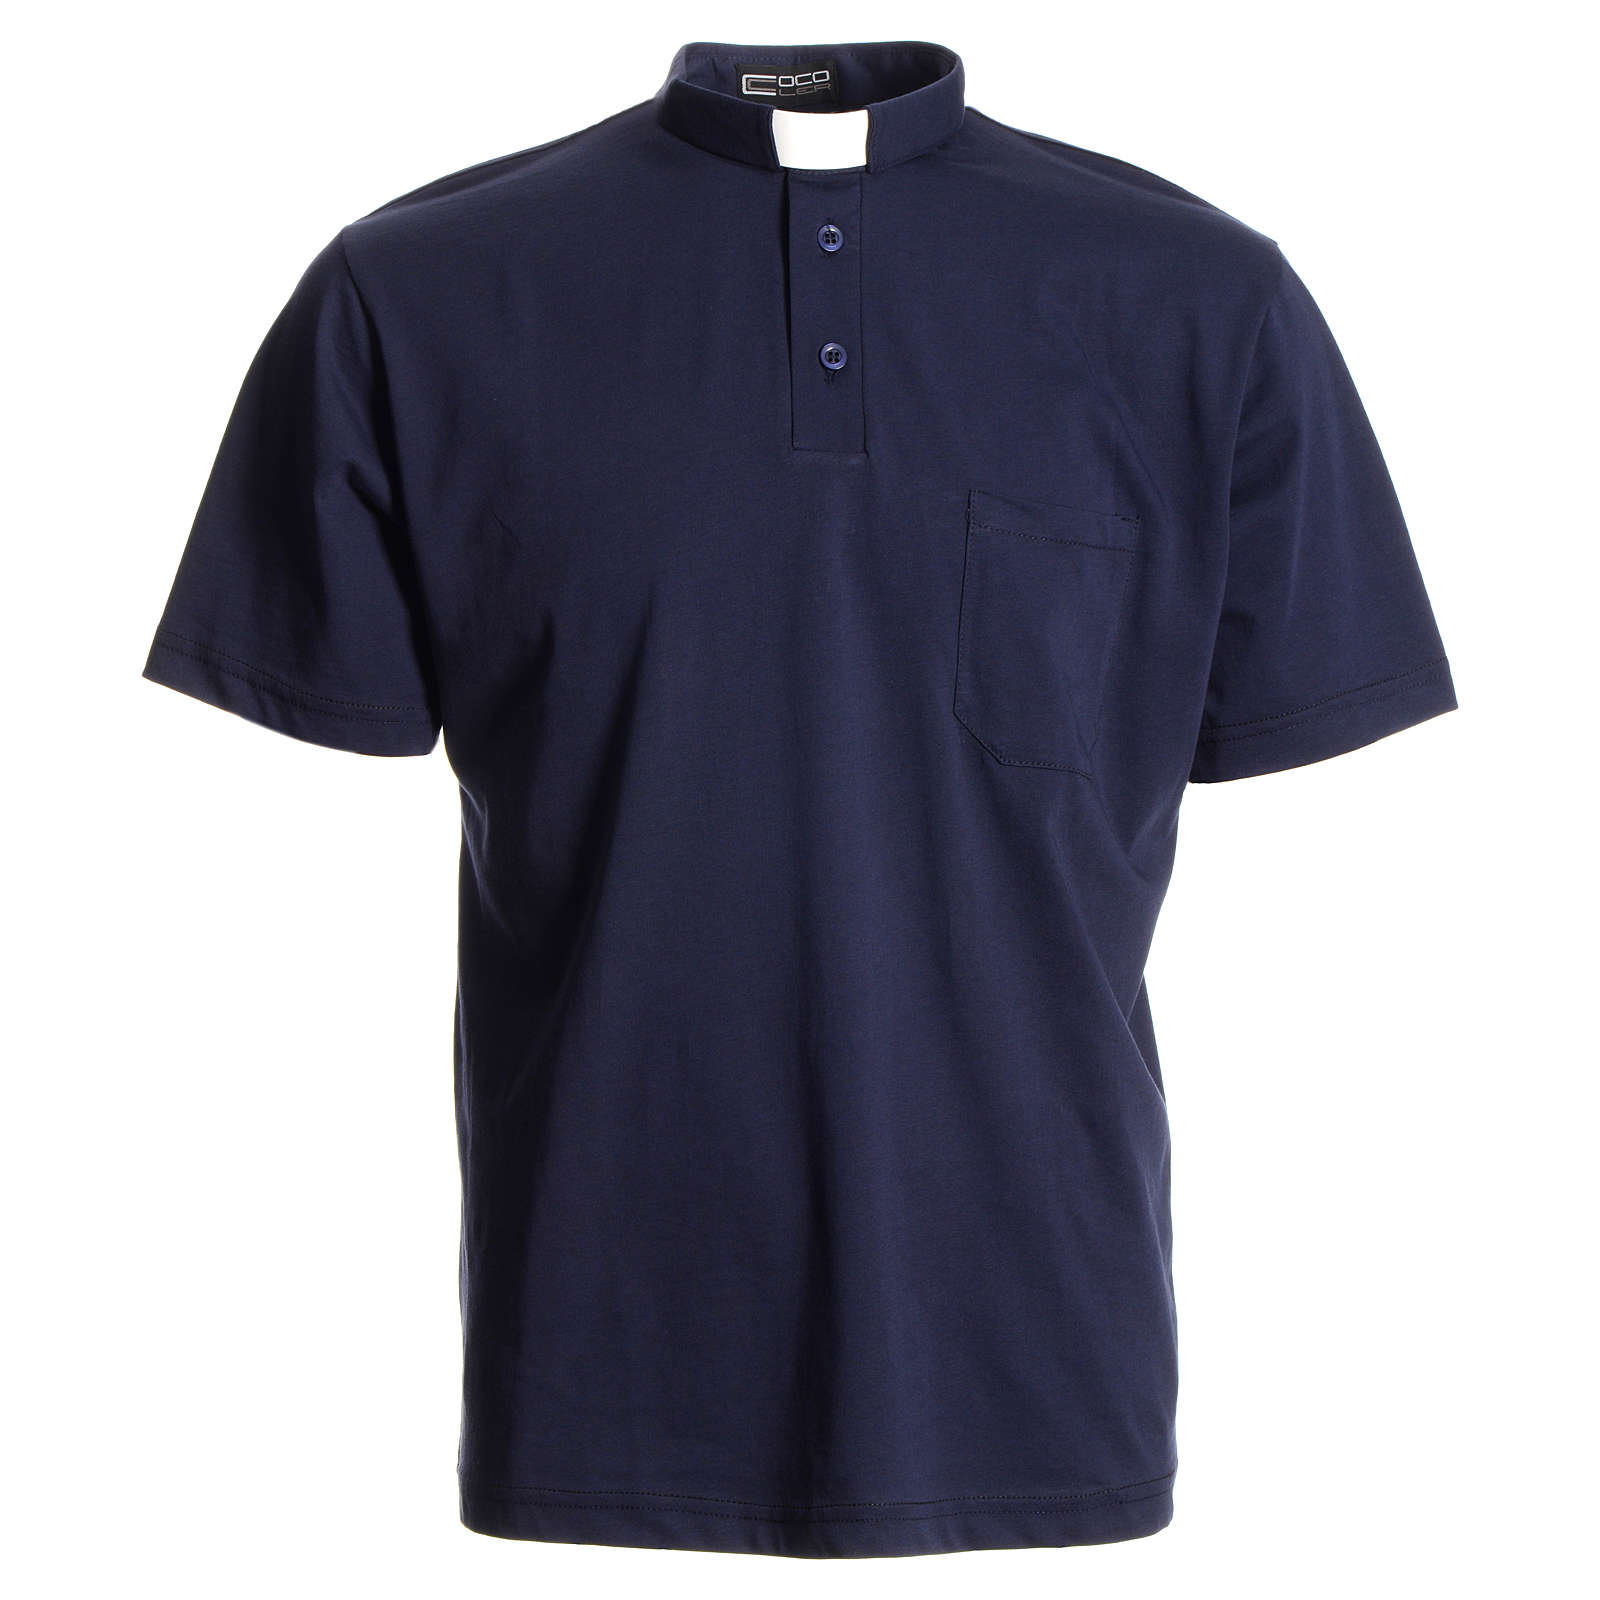 Camisa polo clergy azul escuro 100% algodão 4